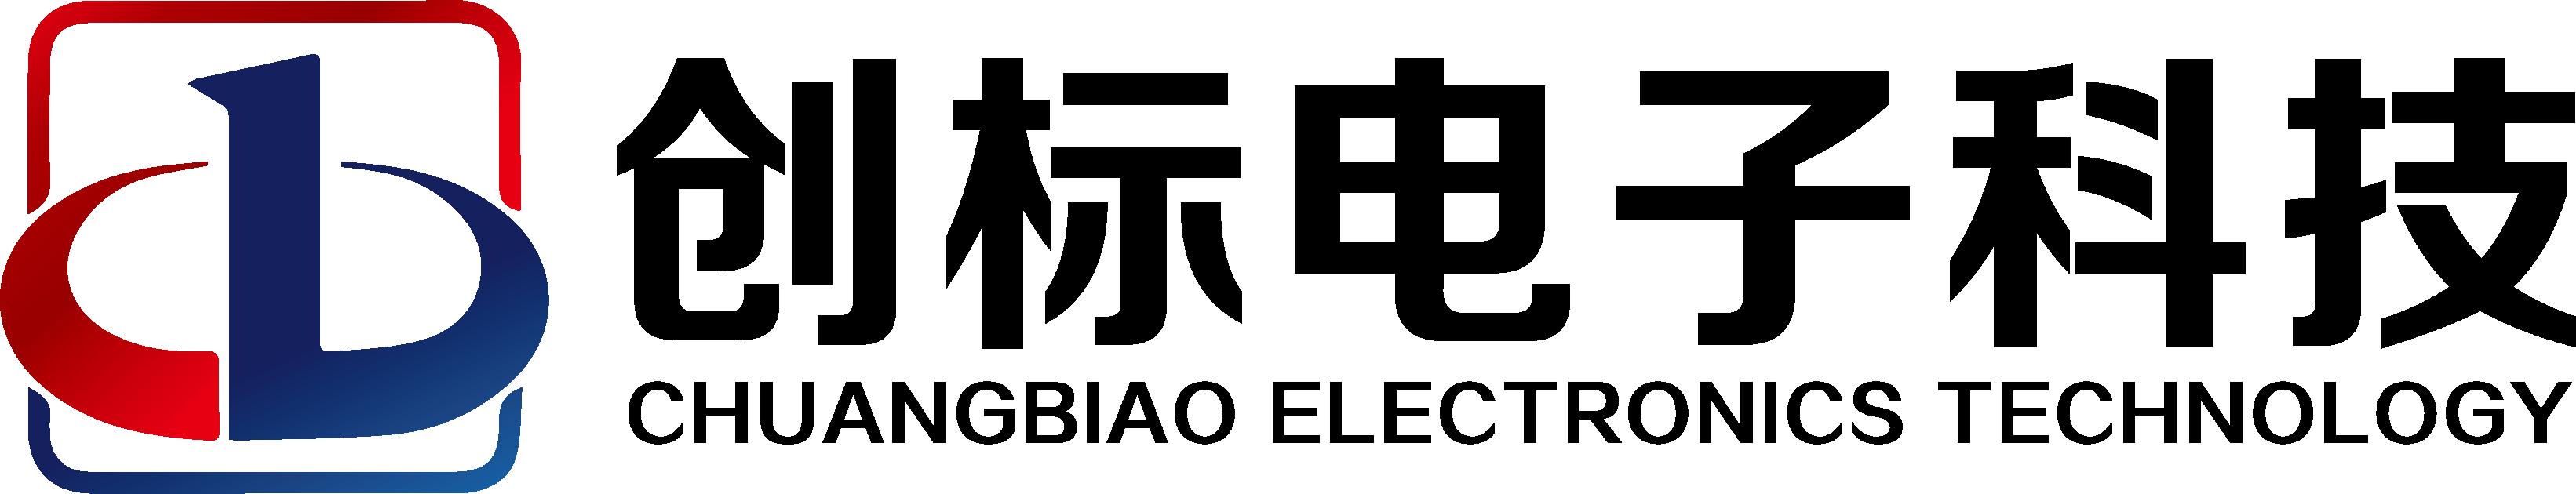 宁波创标电子科技有限公司